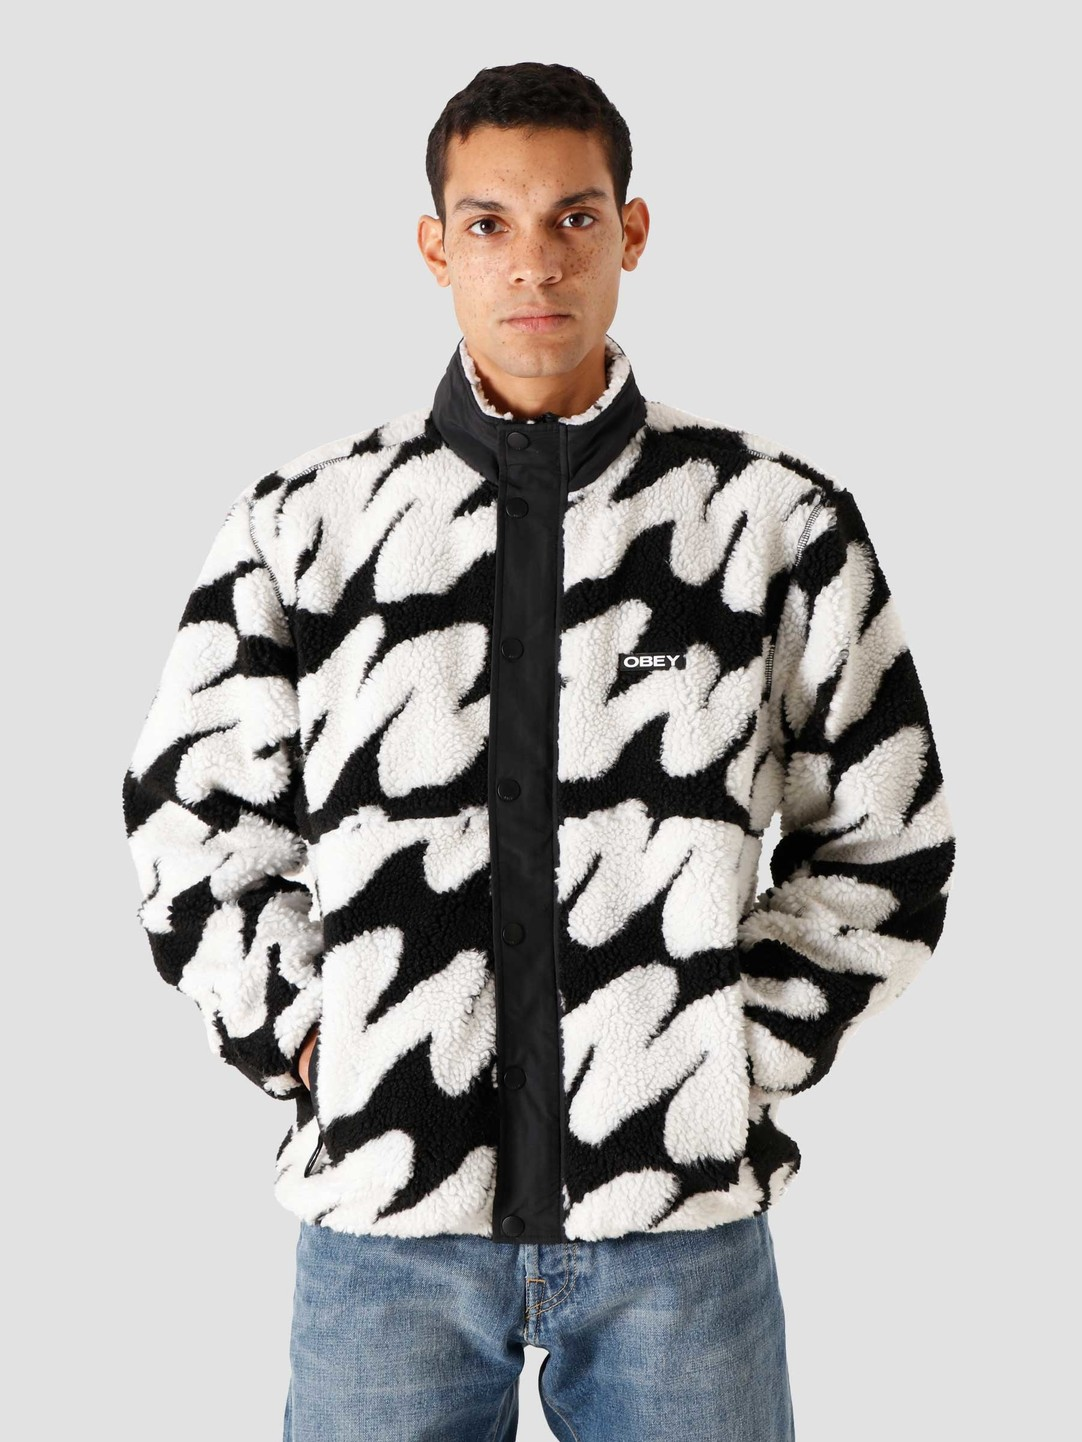 Obey Obey Hense Sherpa Jacket Jackets Black Multi 121800430BKM